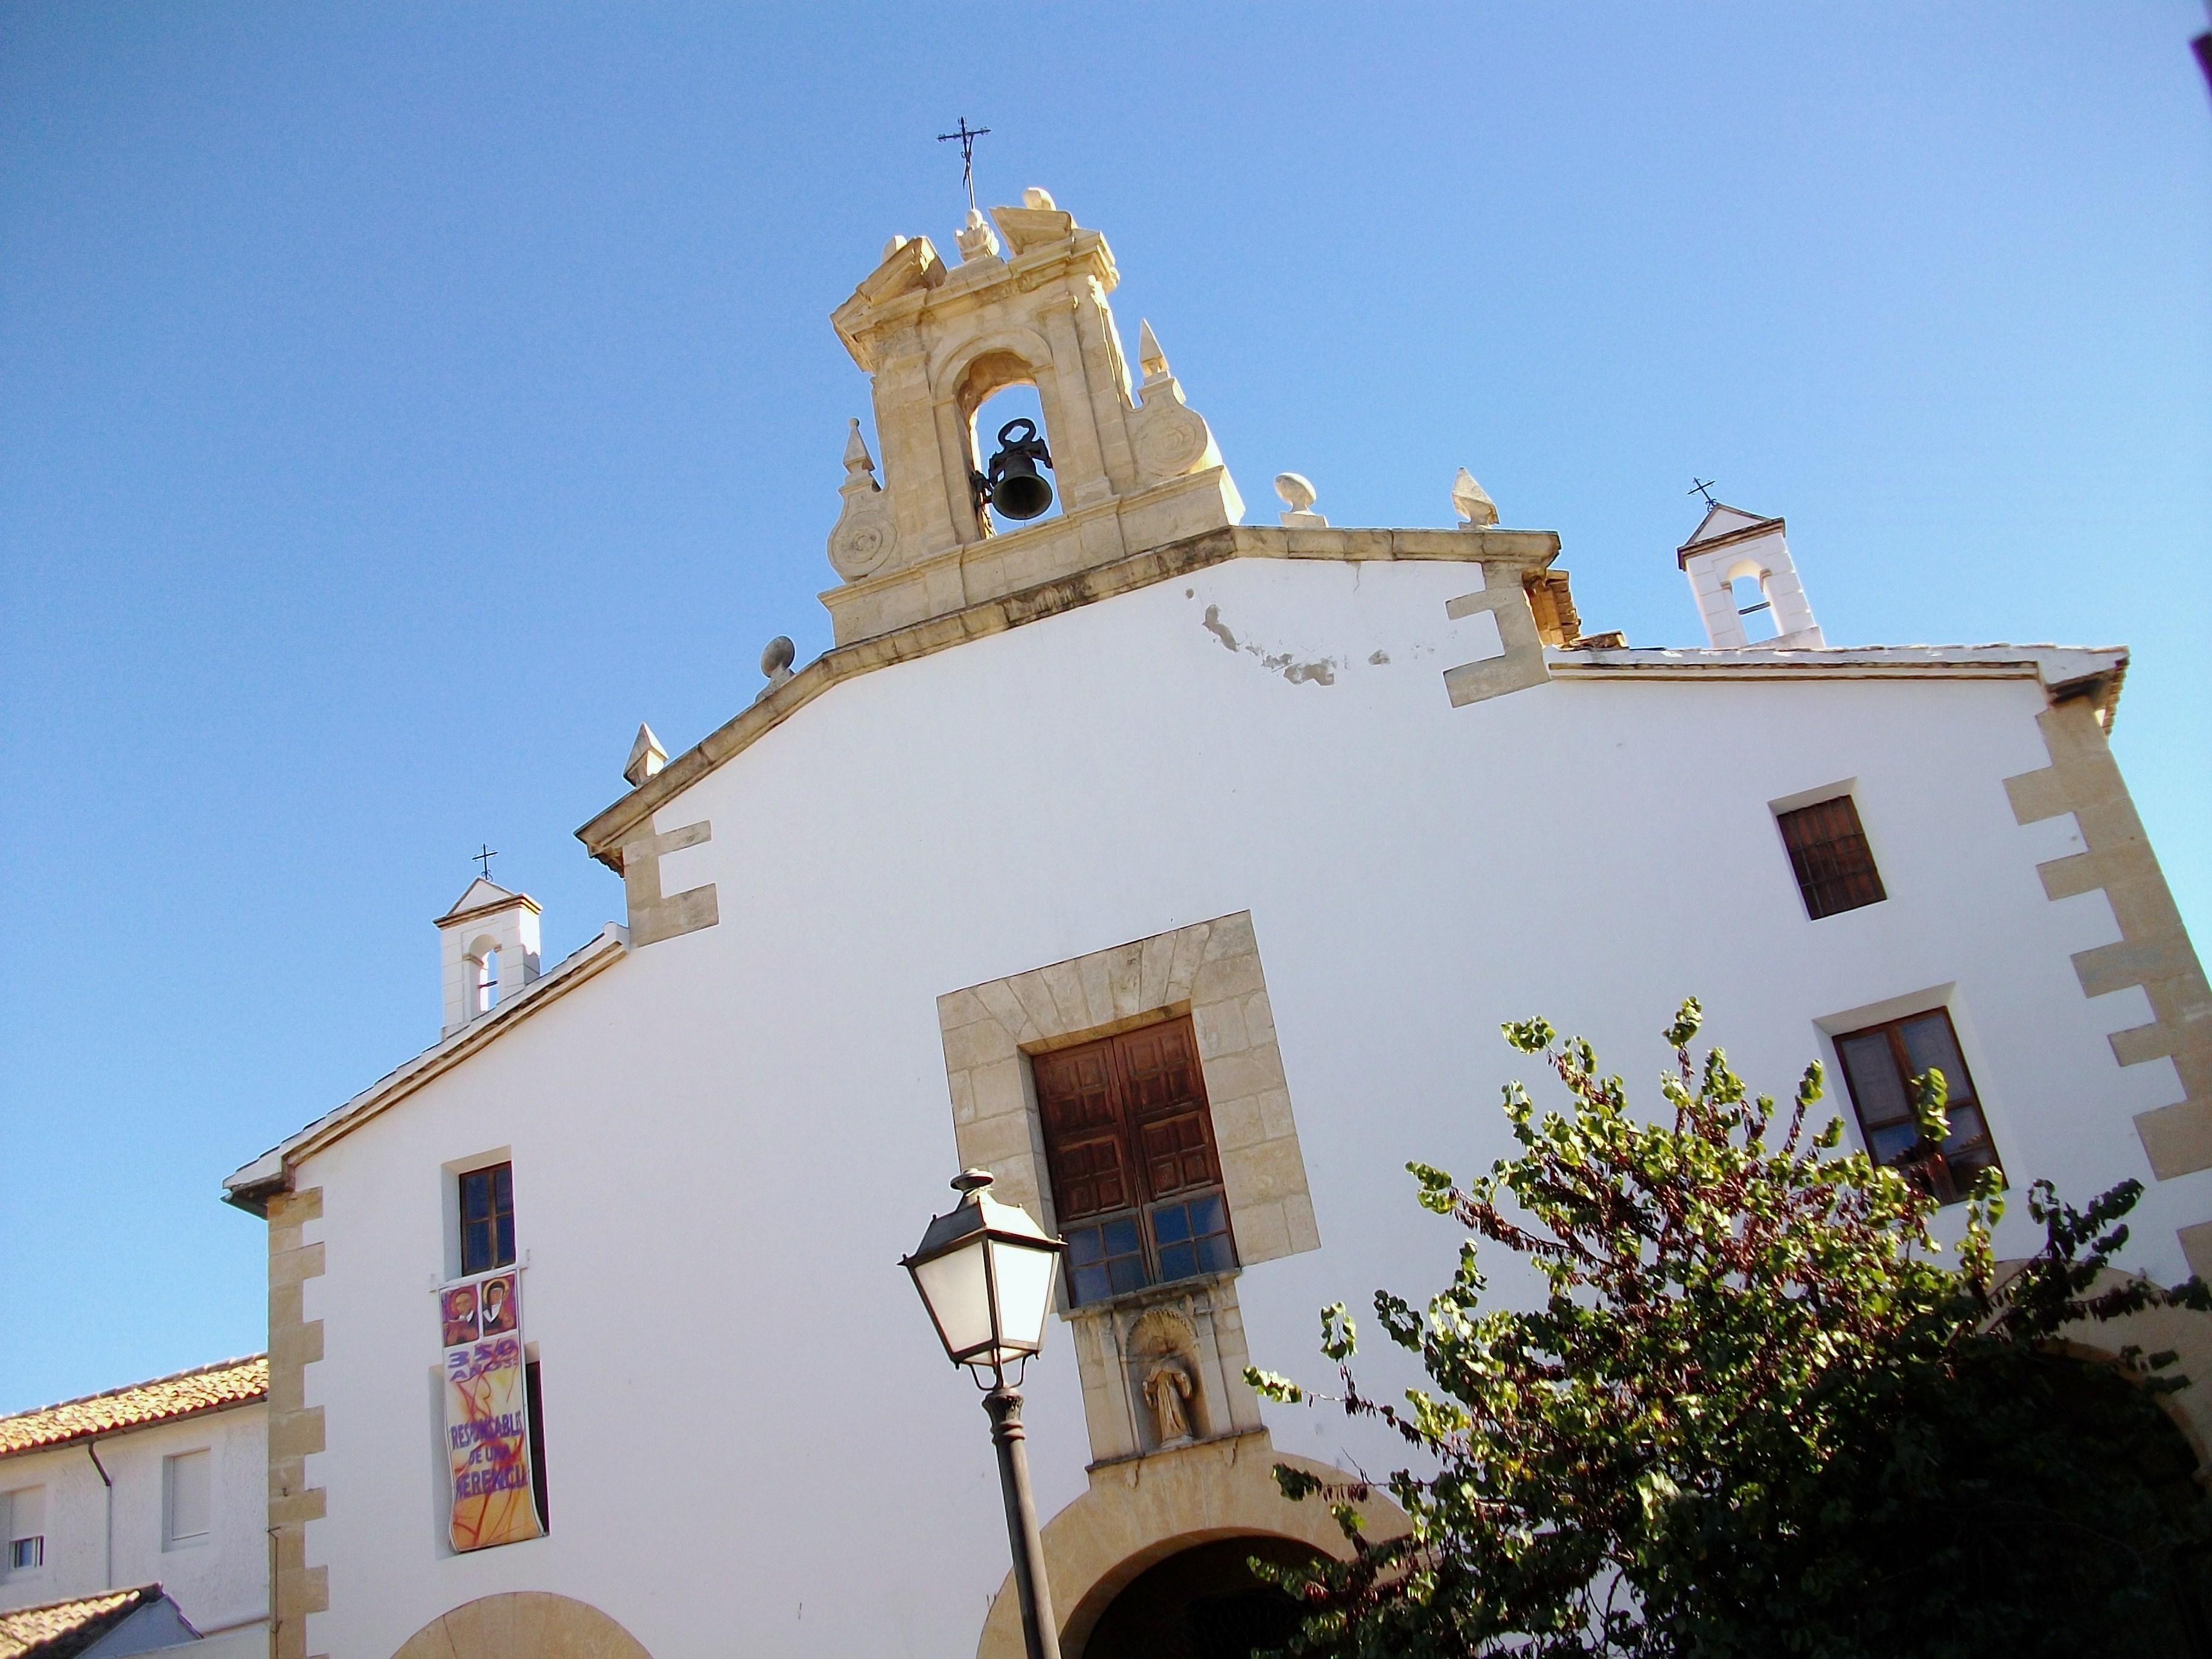 Fitxer convent de sant onofre x viquip dia l for Pisos xativa 9 d octubre xativa